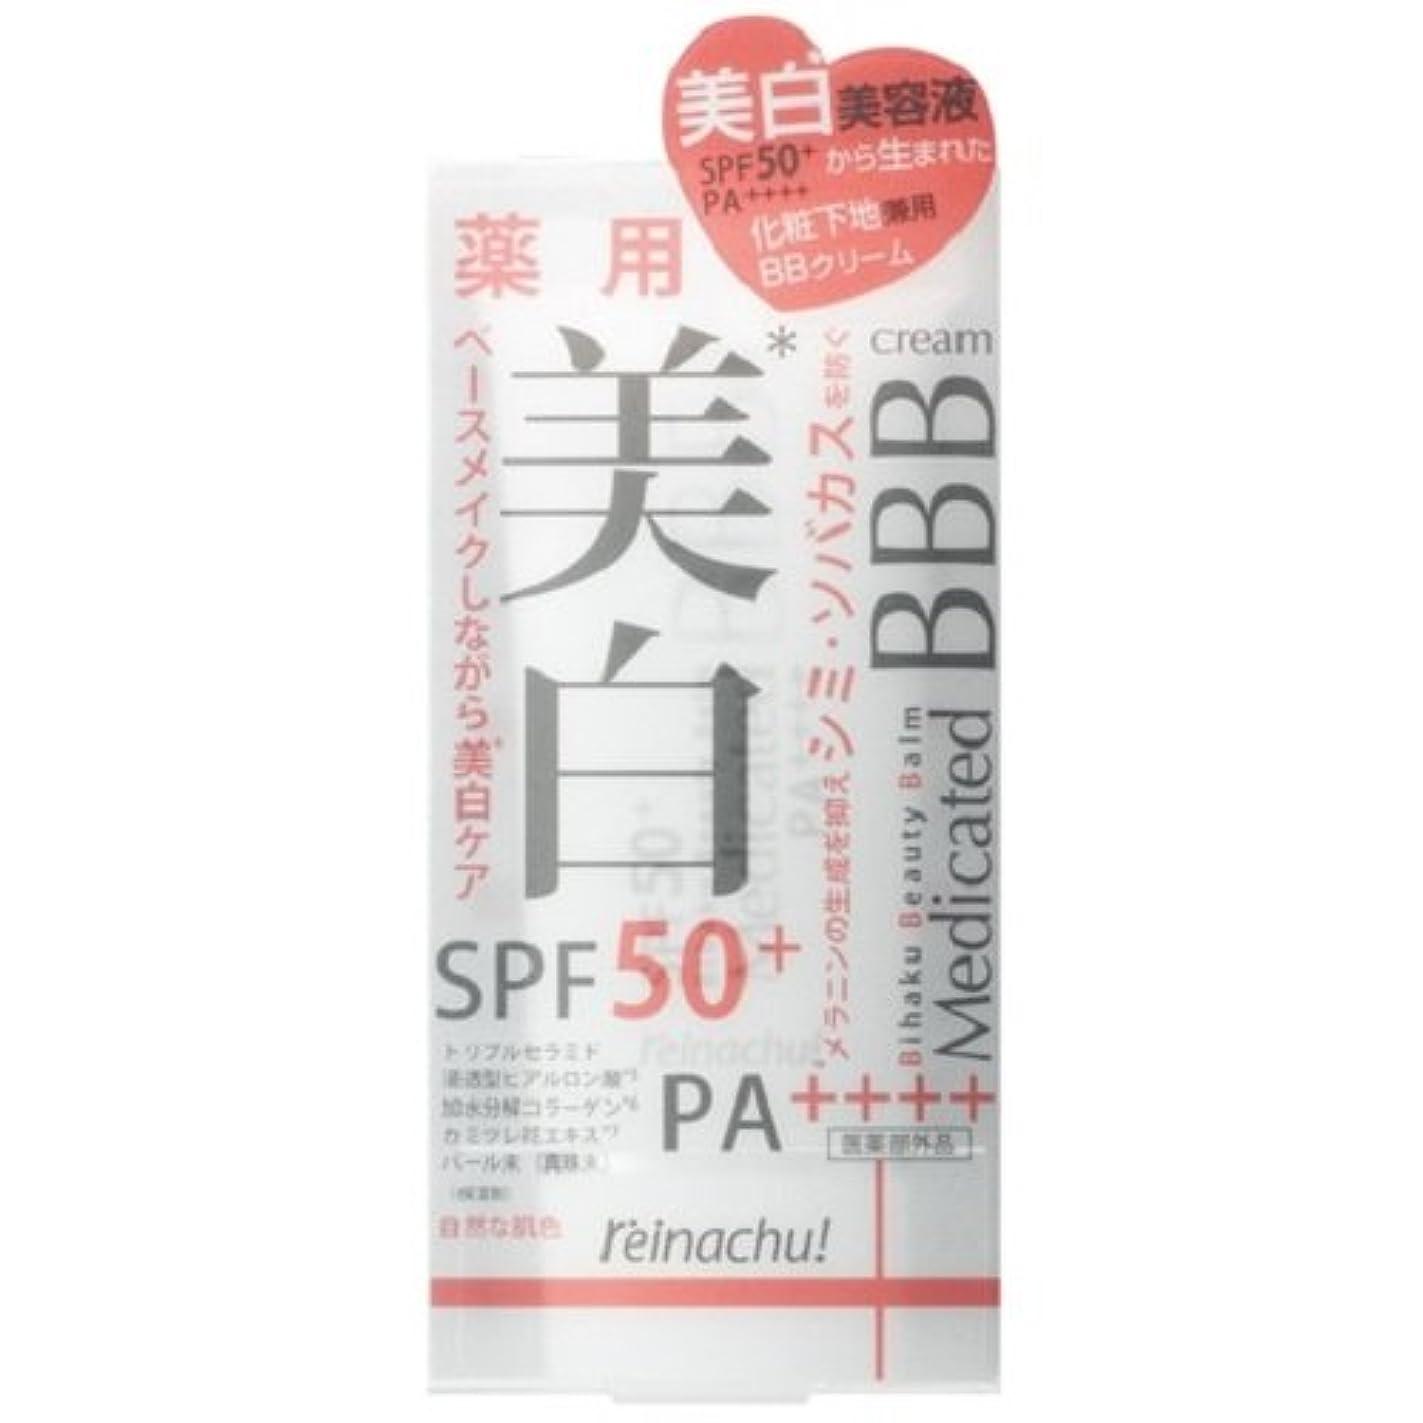 箱寄生虫しないレイナチュ 薬用BBクリーム 30g (医薬部外品)